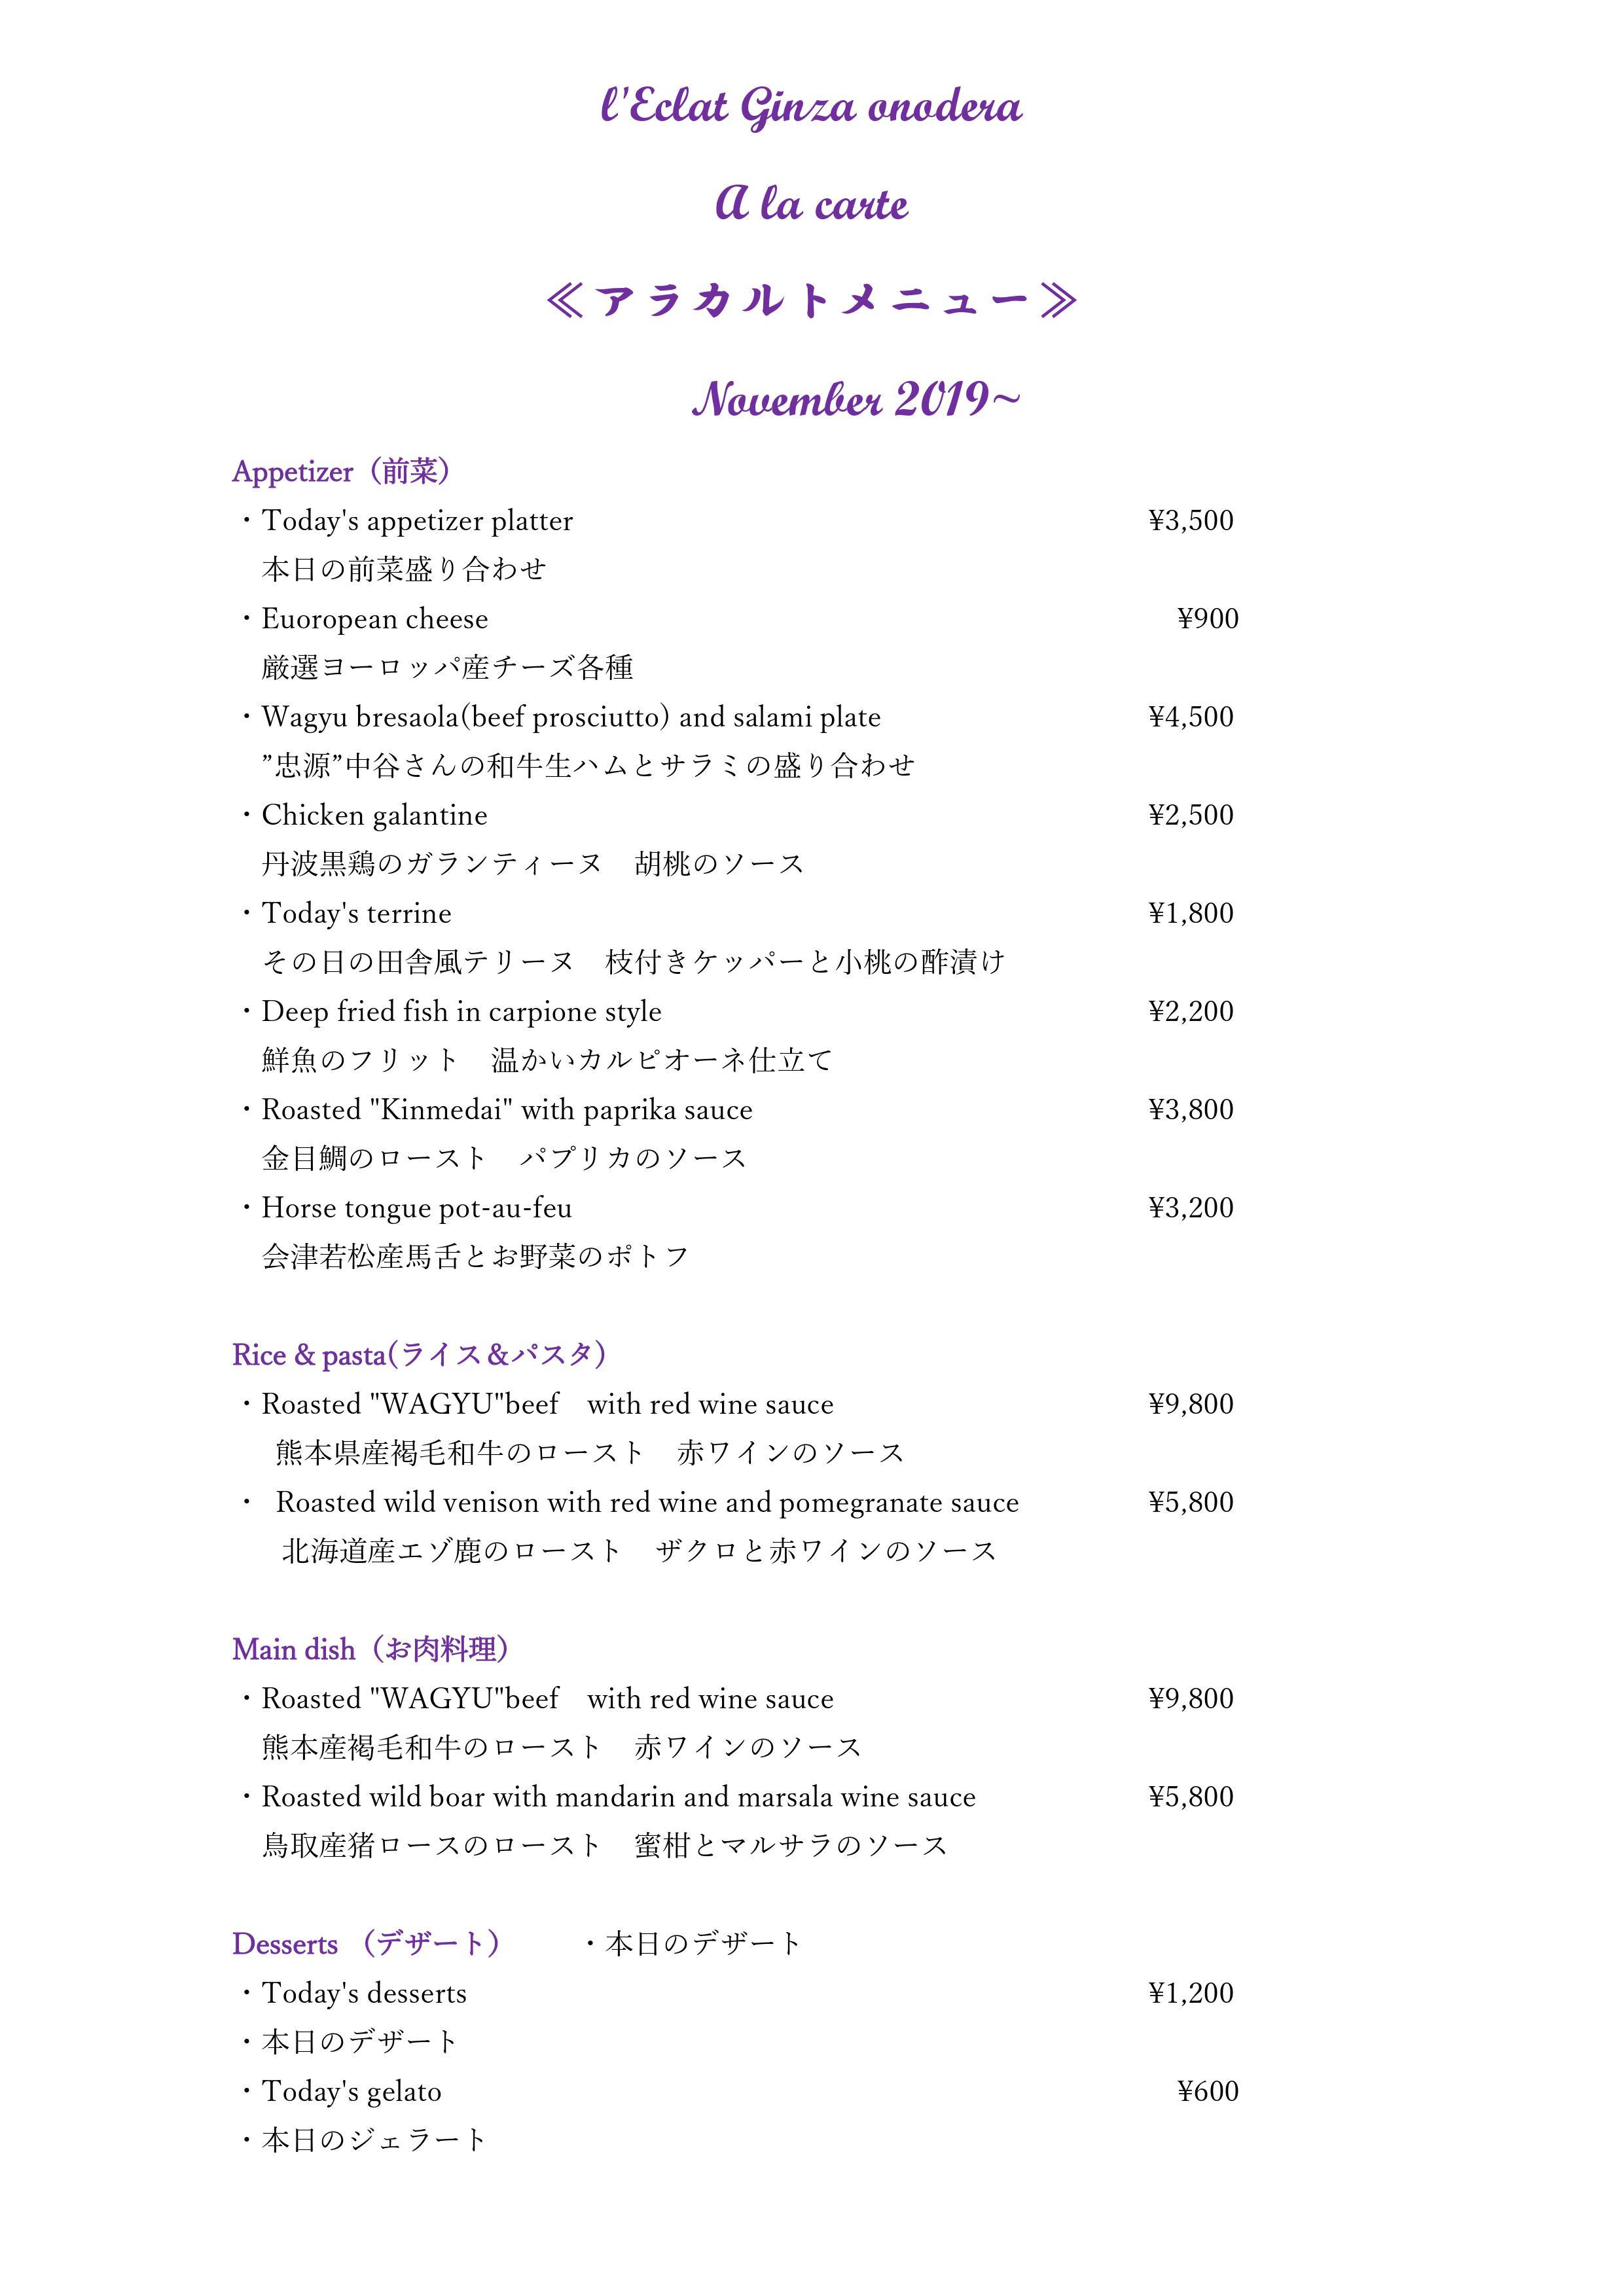 l'Eclat GINZA ONODERA [銀座店] ディナーメニュー11